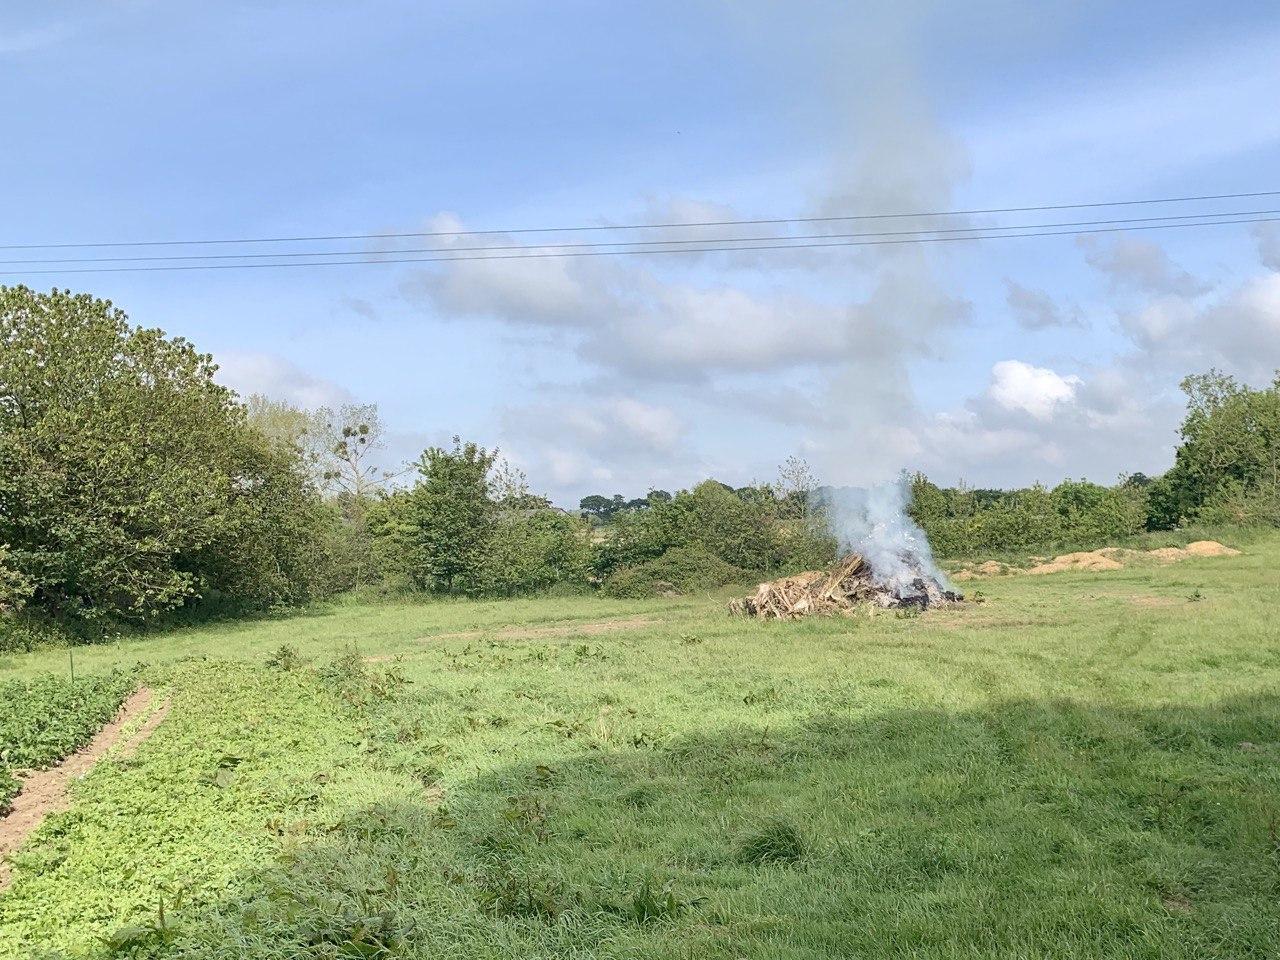 Nouveau rappel: les feux de déchets verts sont interdits toute l'année